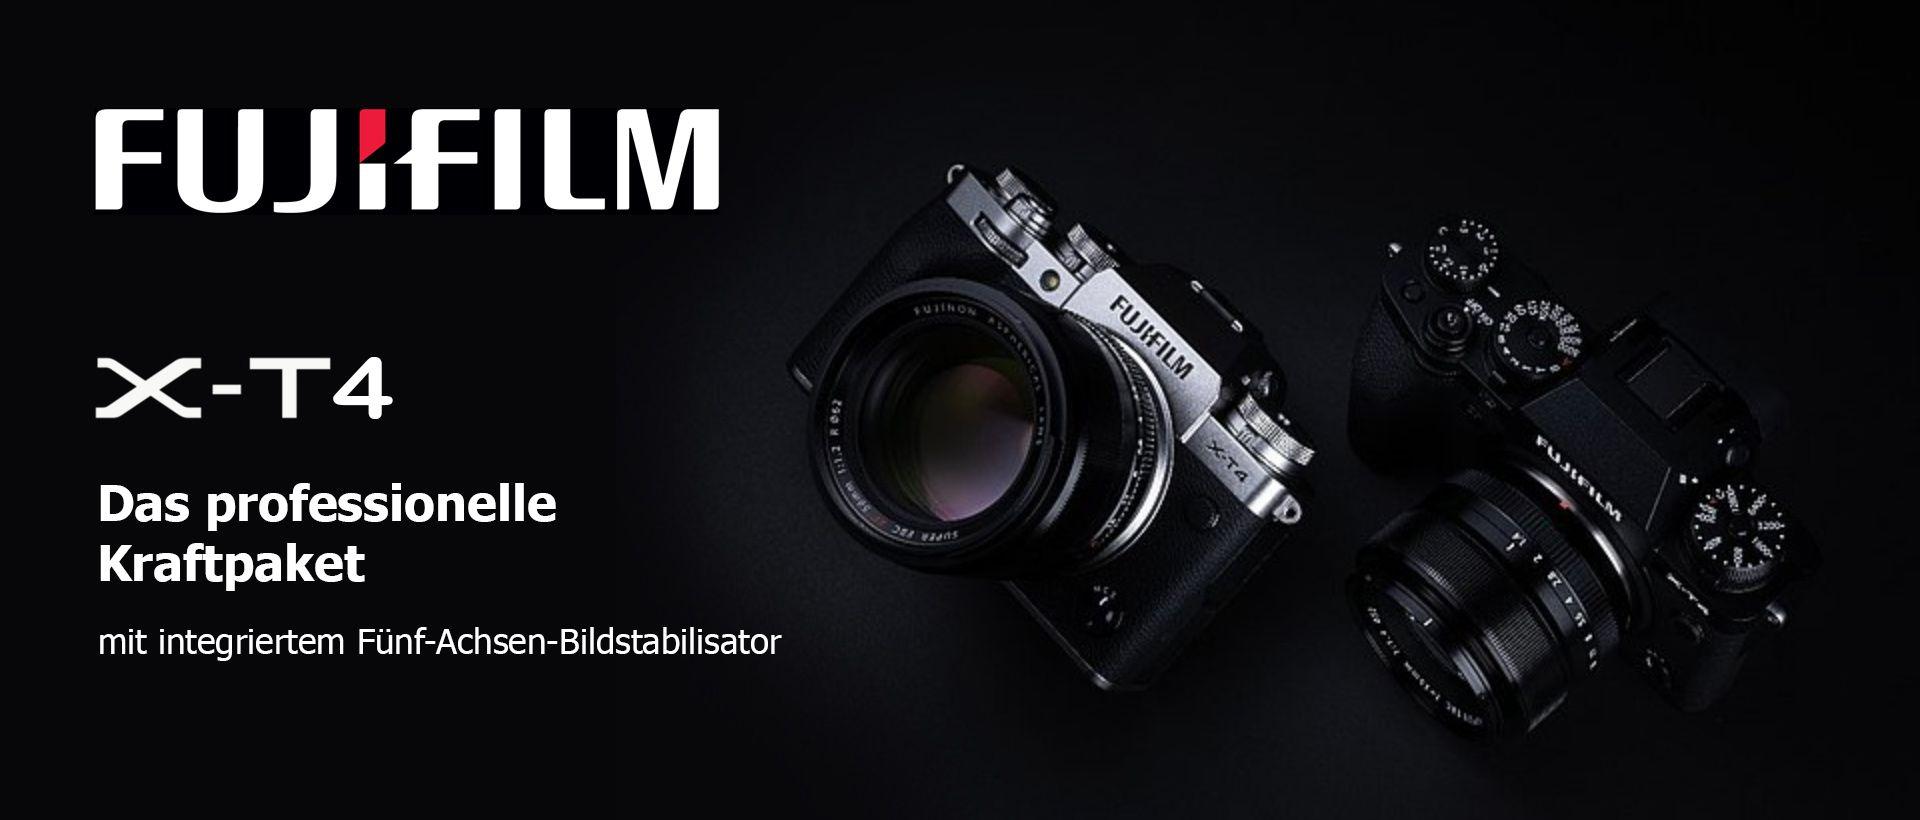 Fuji X-T4 schwarz und silber